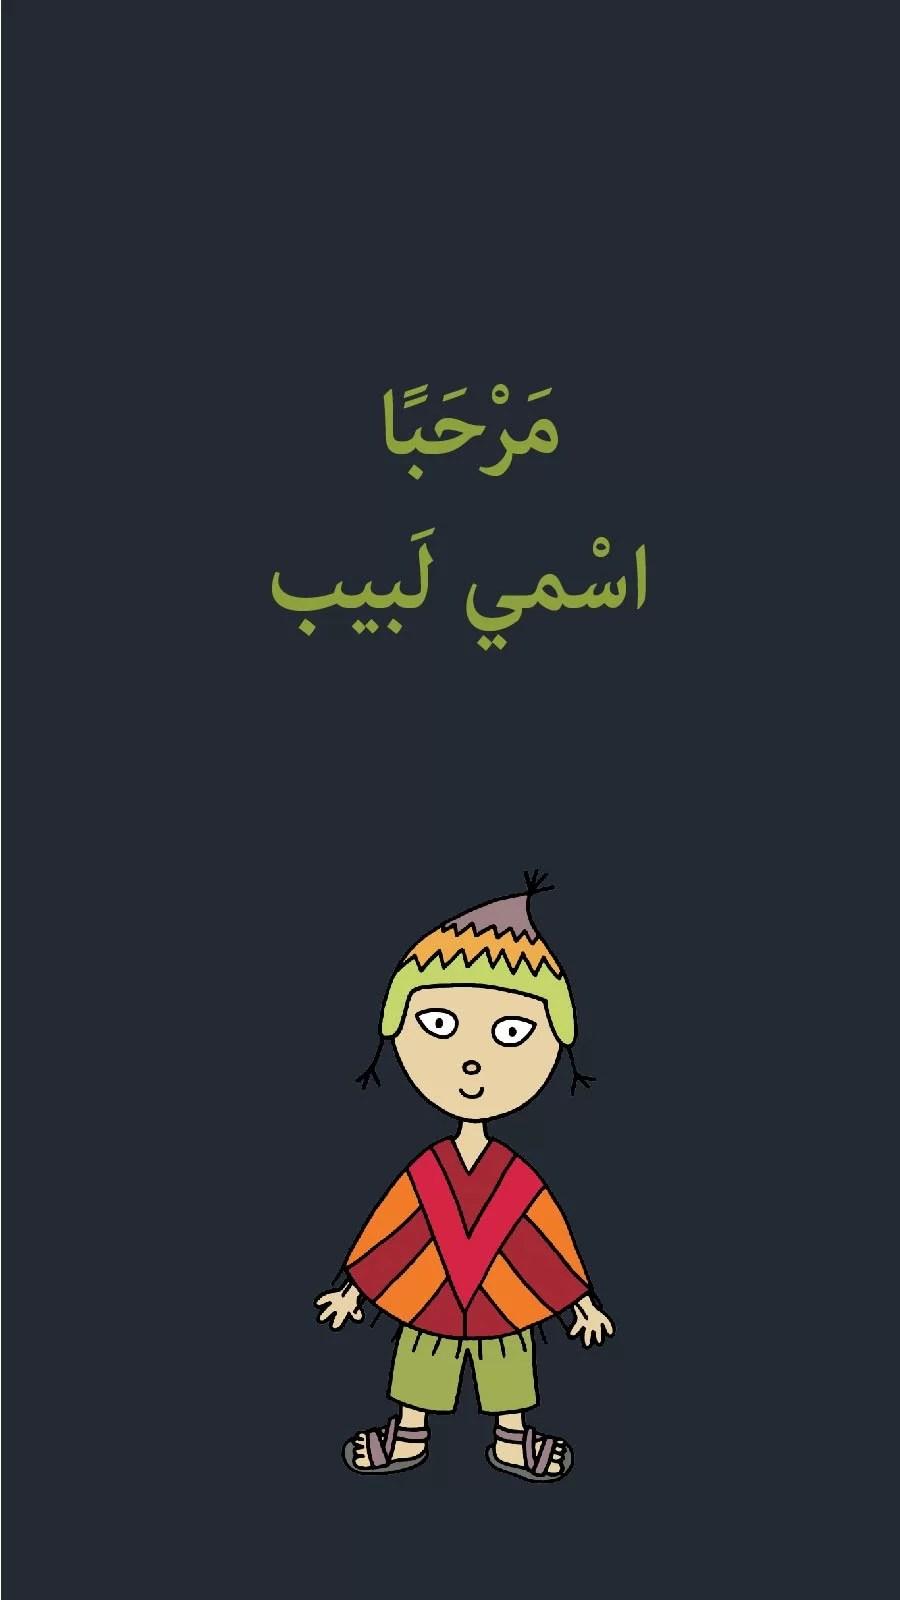 تعليم العربية للأطفال